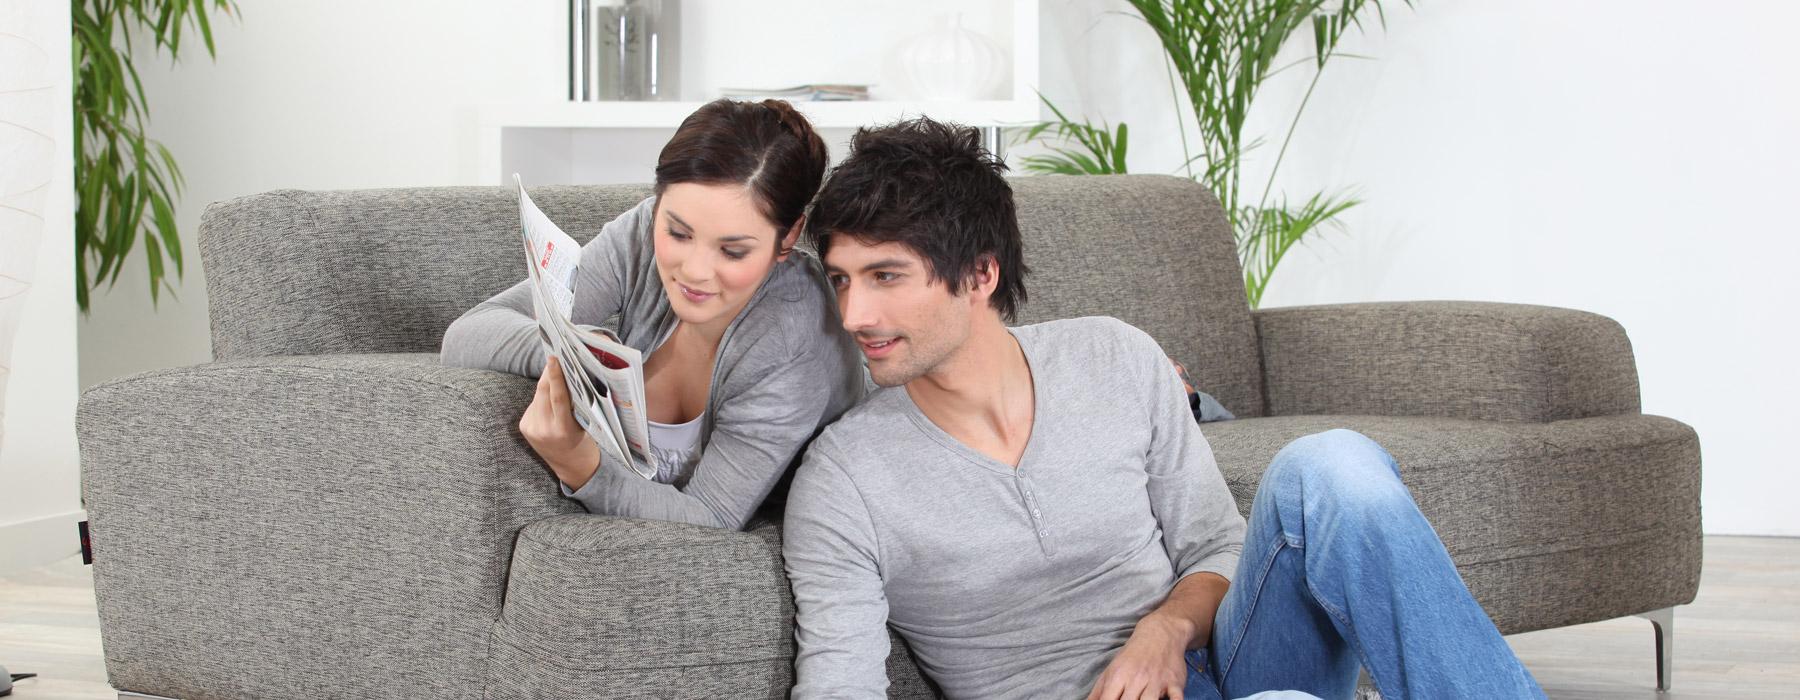 couple__031480200_1907_21022017